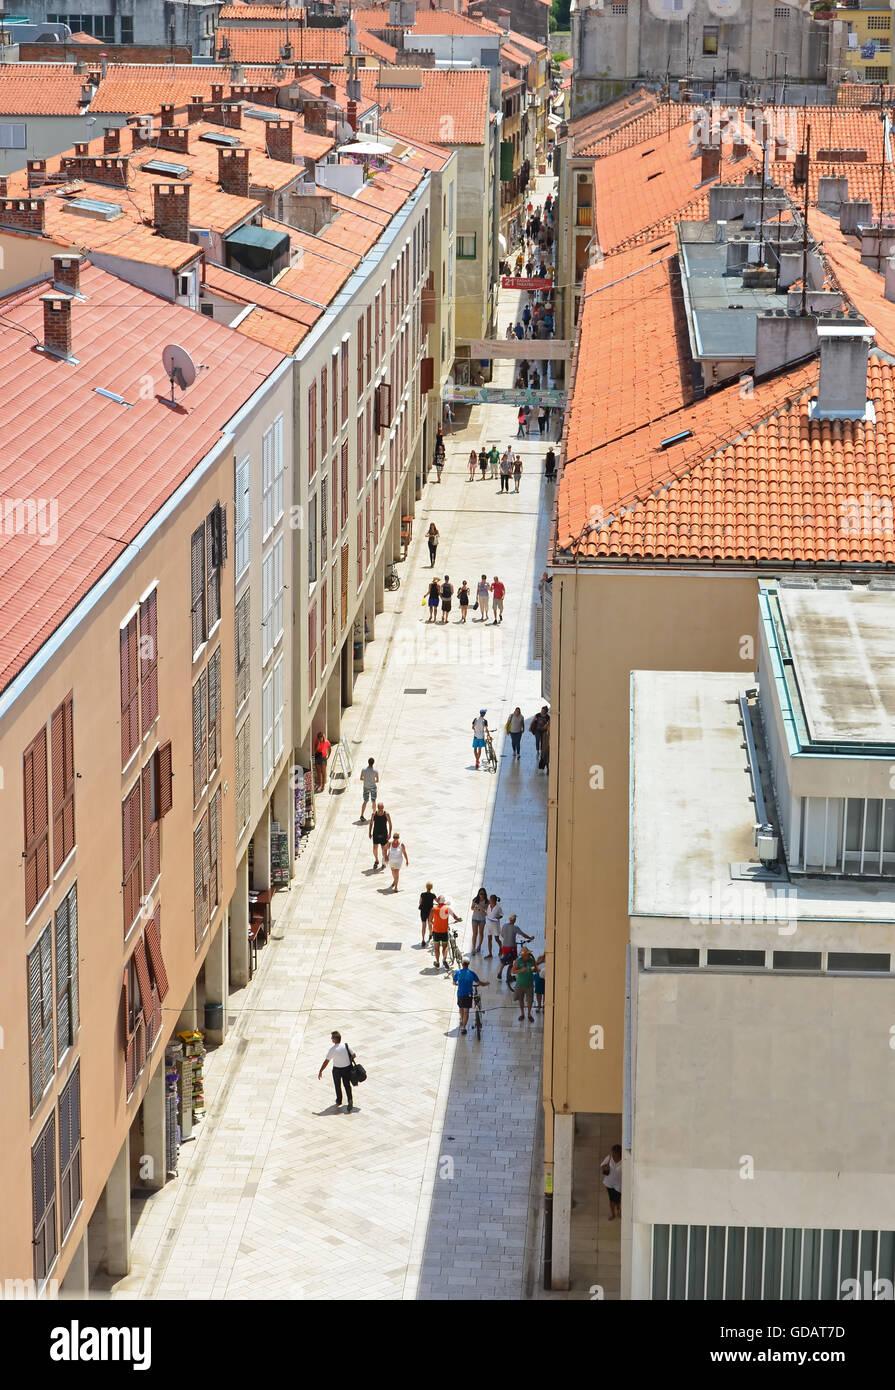 La gente camminare pacificamente nella zona pedonale della città vecchia di Zadar, Croazia Immagini Stock